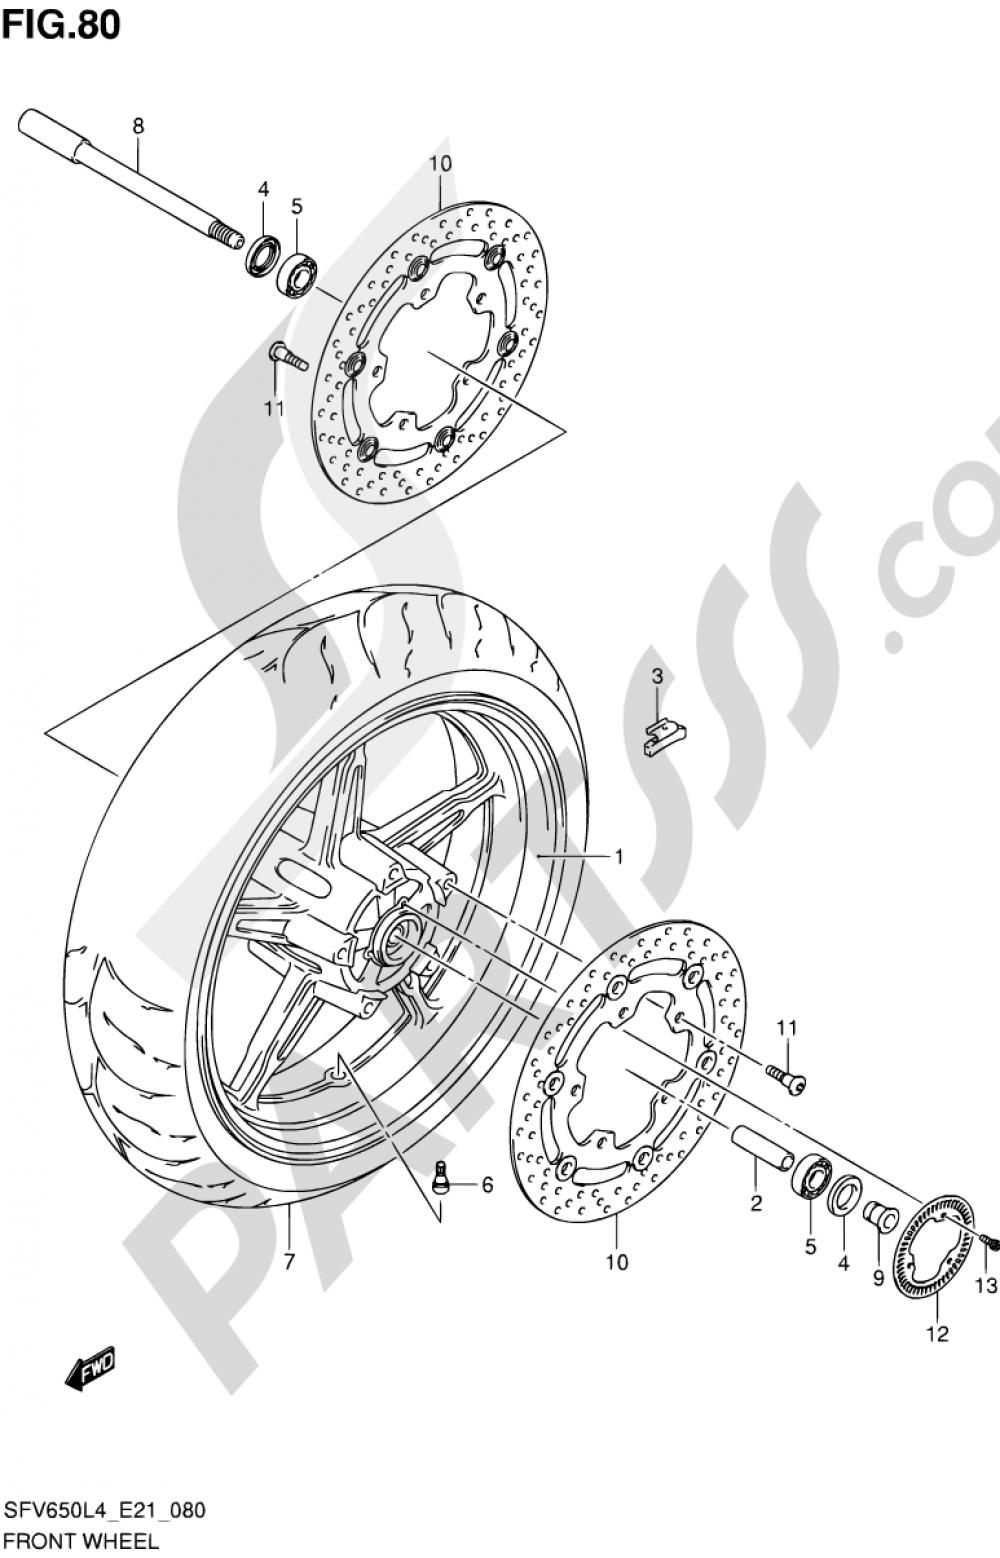 80 - FRONT WHEEL (SFV650AL4 E21) Suzuki GLADIUS SFV650A 2014